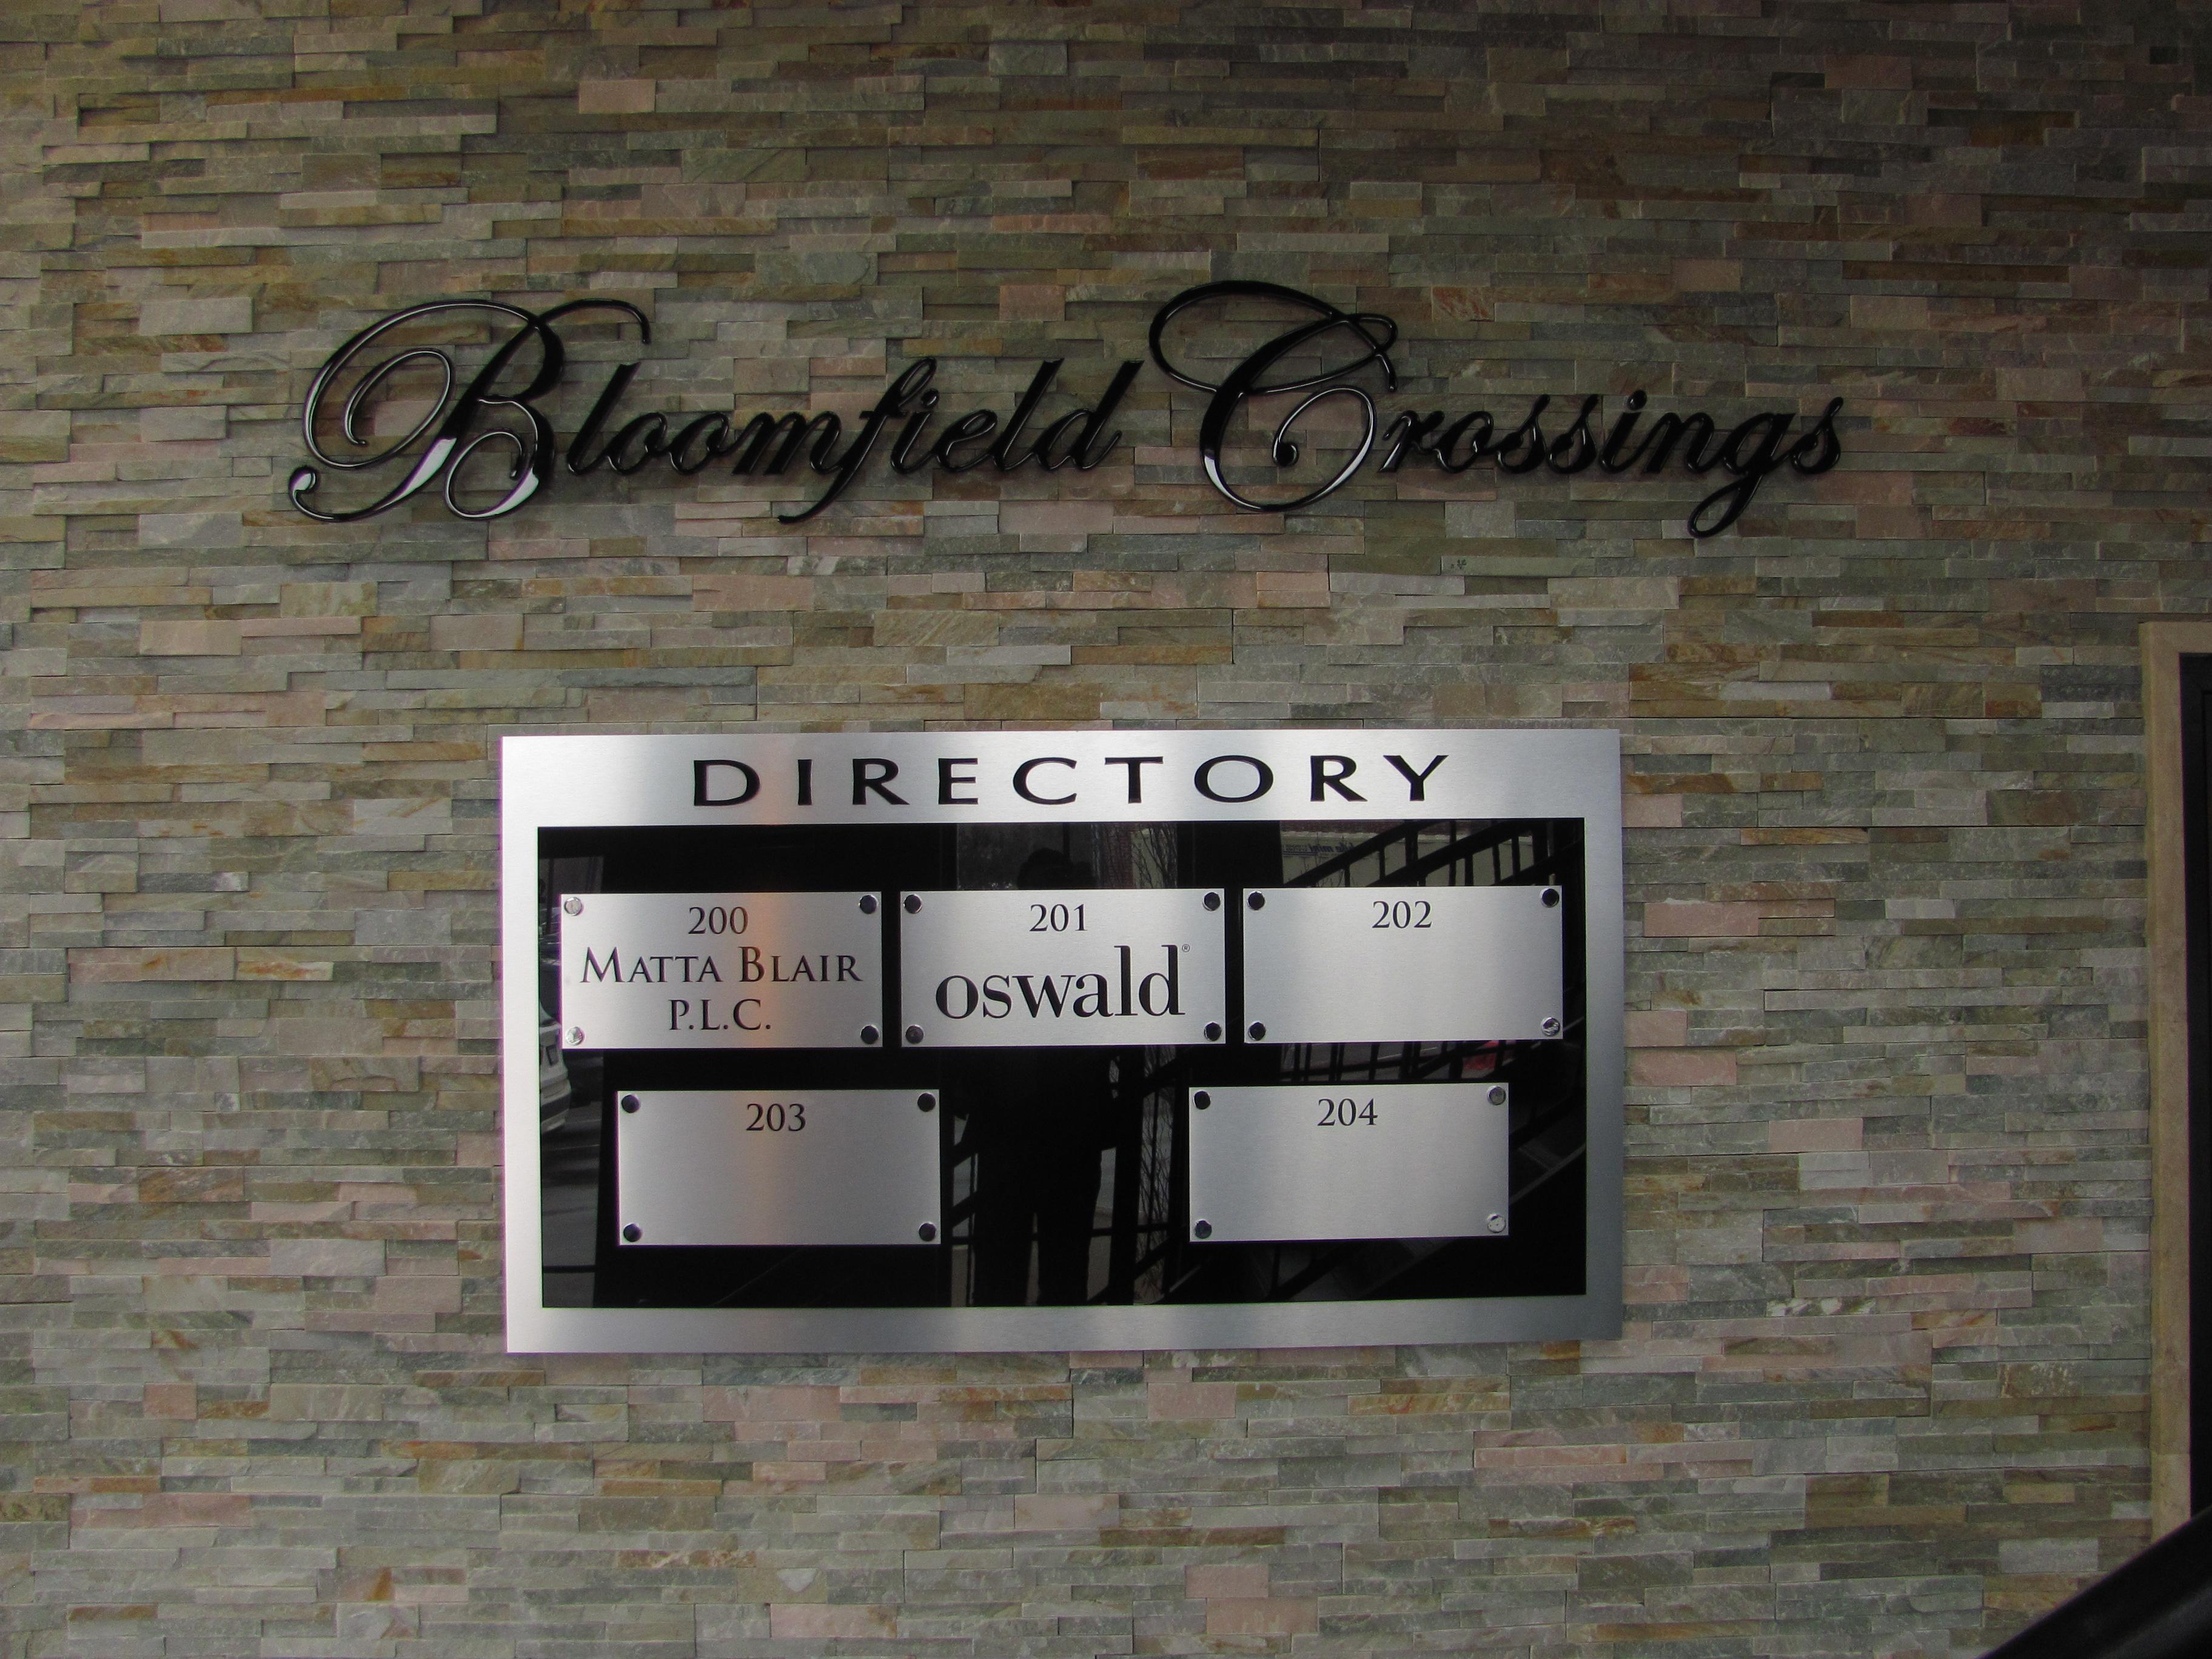 Wayfinding & Directories